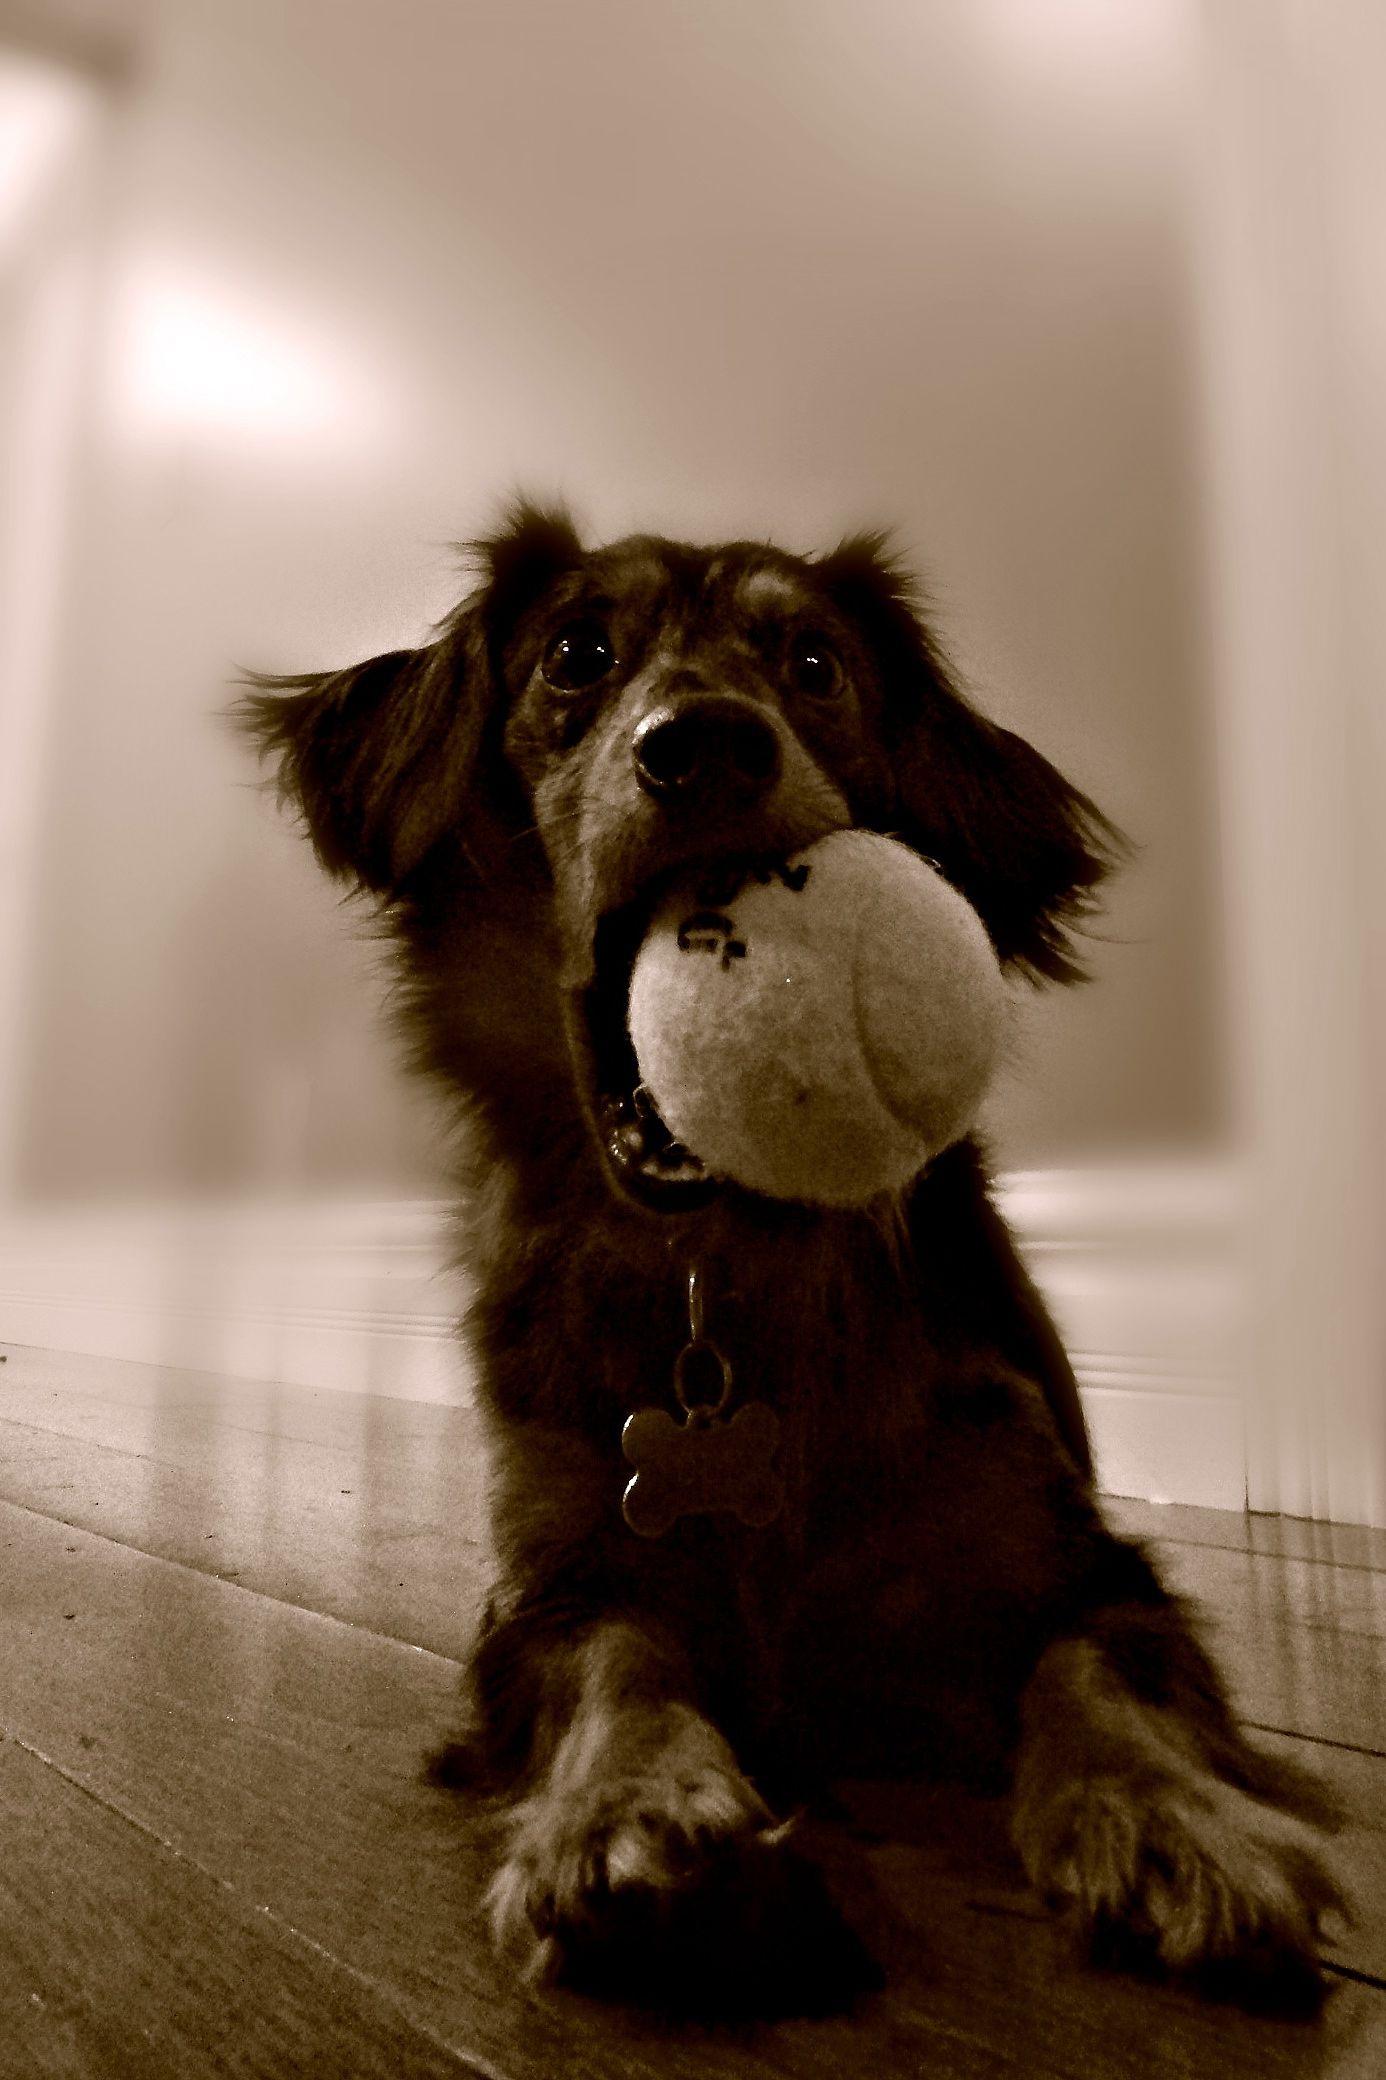 Oliver #doxie #dog #love #daschund